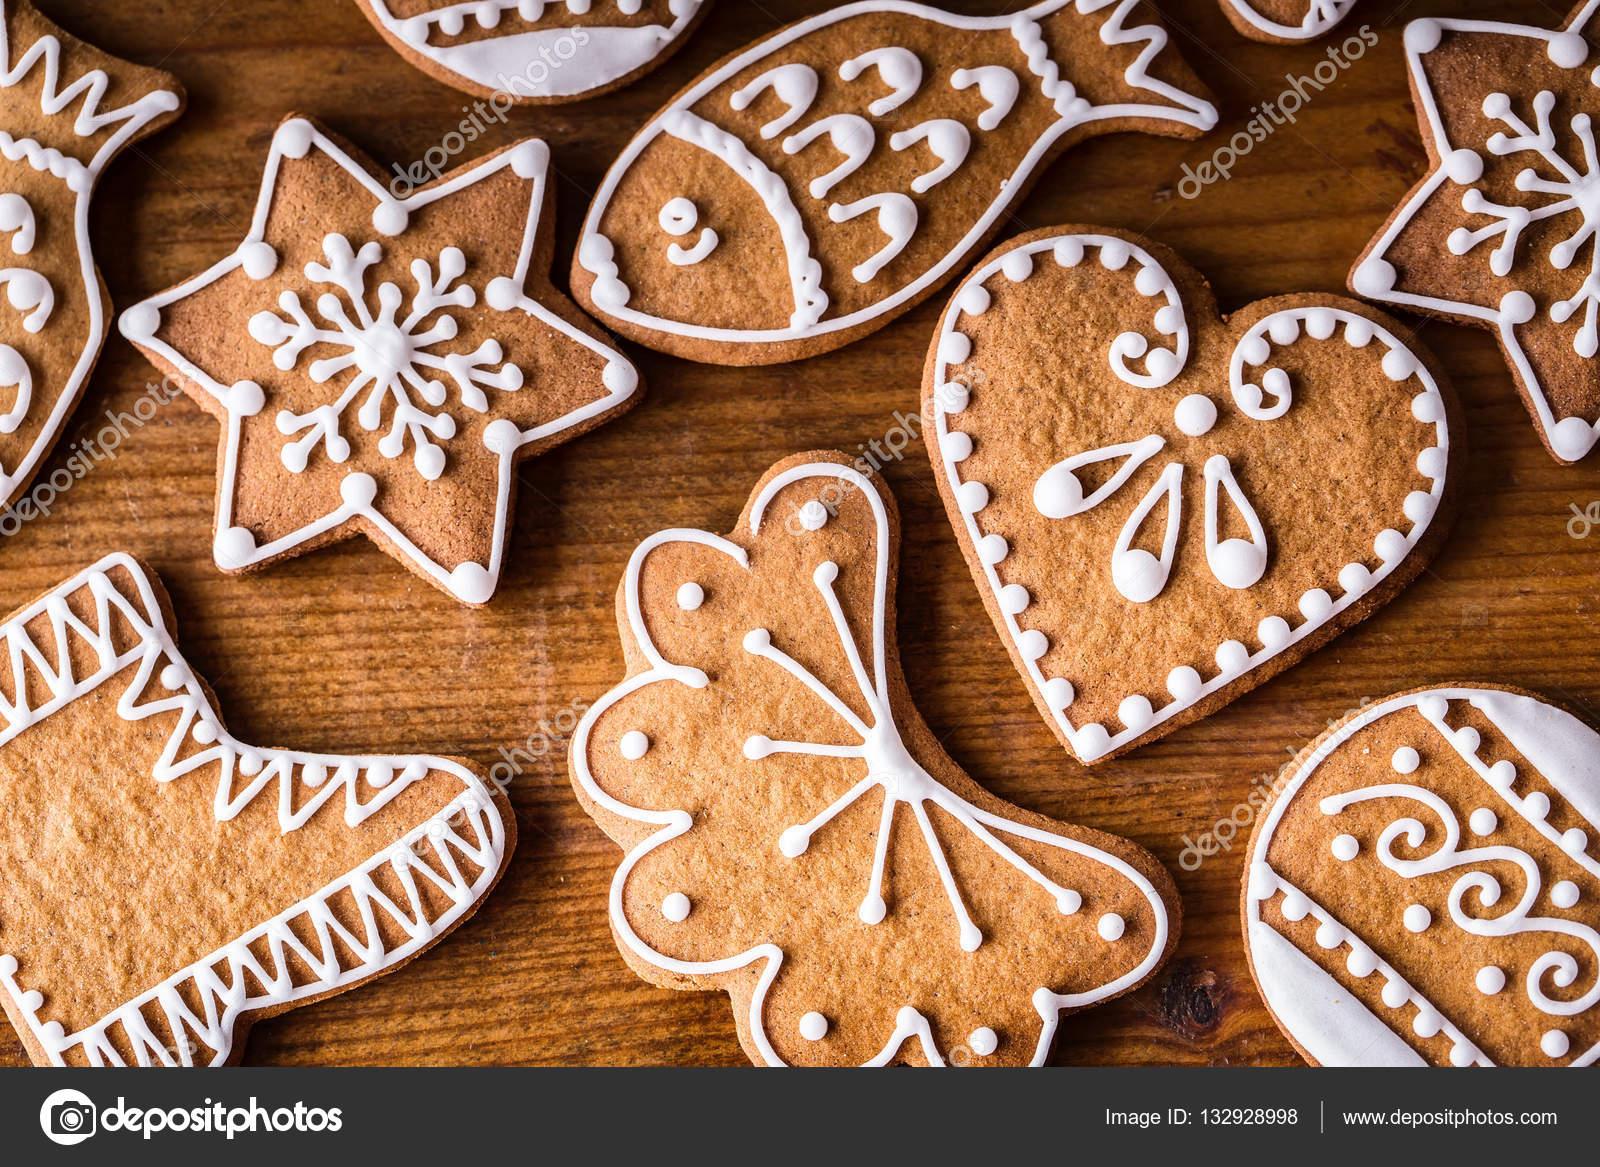 Dolci Di Natale Fatti In Casa.Torte Dolci Di Natale Natale Biscotti Fatti In Casa Sulla